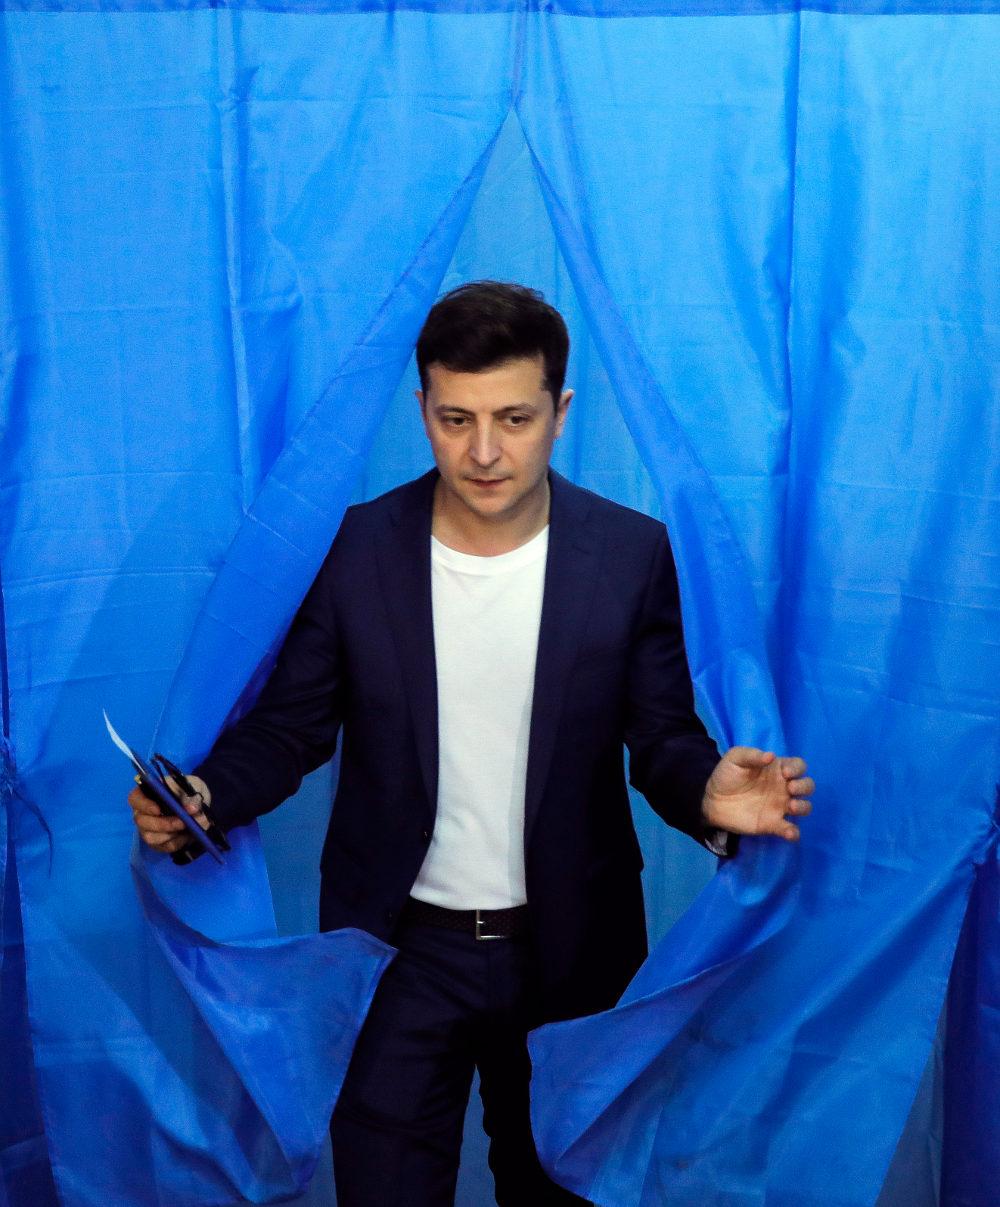 Ο Βολόντιμιρ Ζελένσκι στο παραβάν των εκλογών στην Ουκρανία